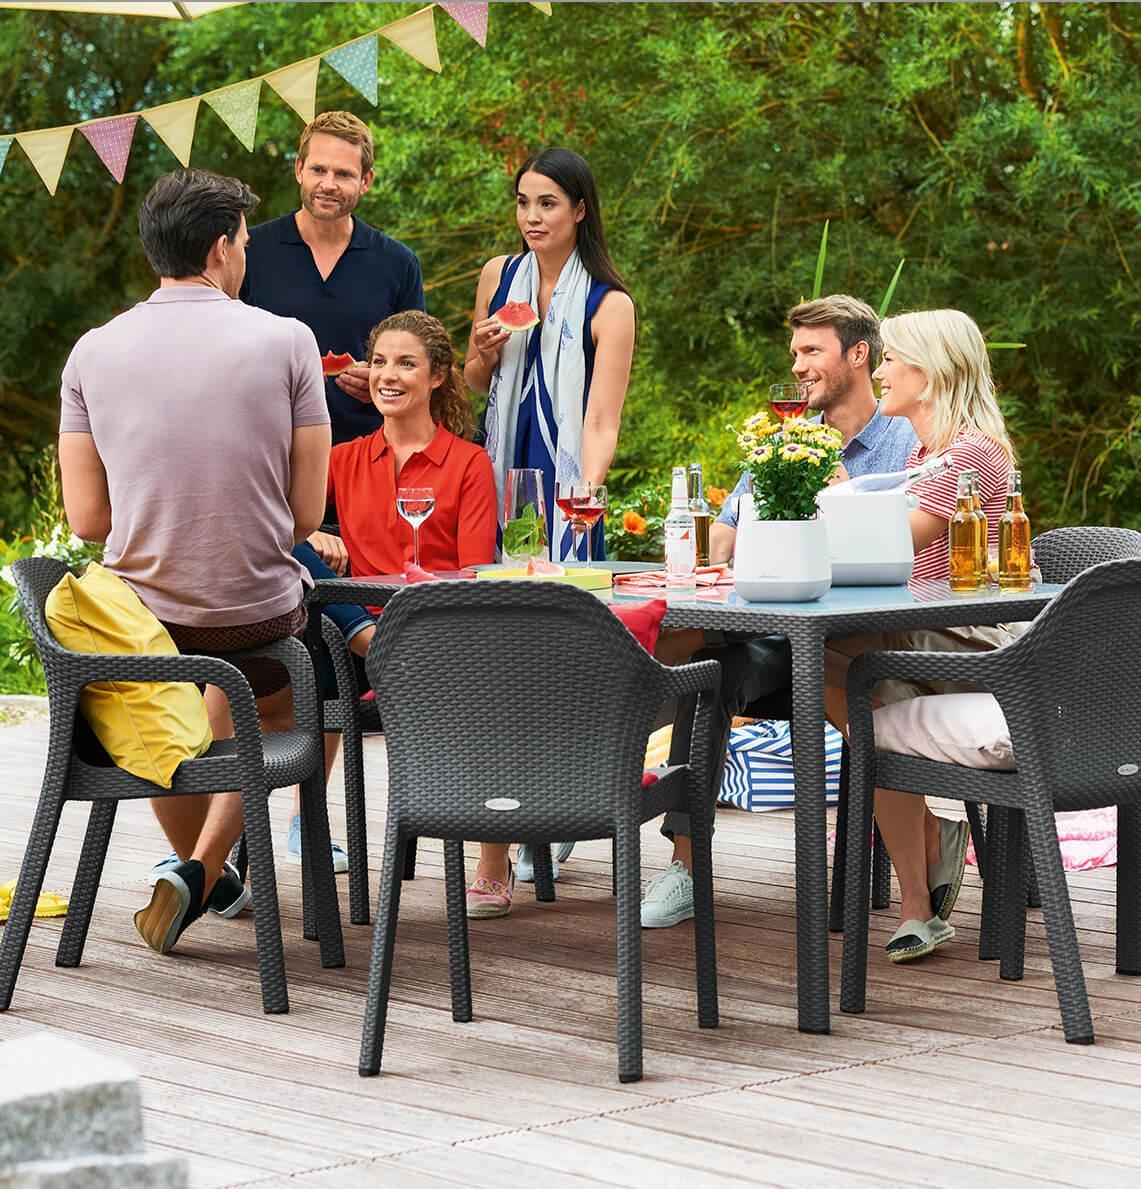 Gli amici festeggiano in giardino seduti comodamente al tavolo